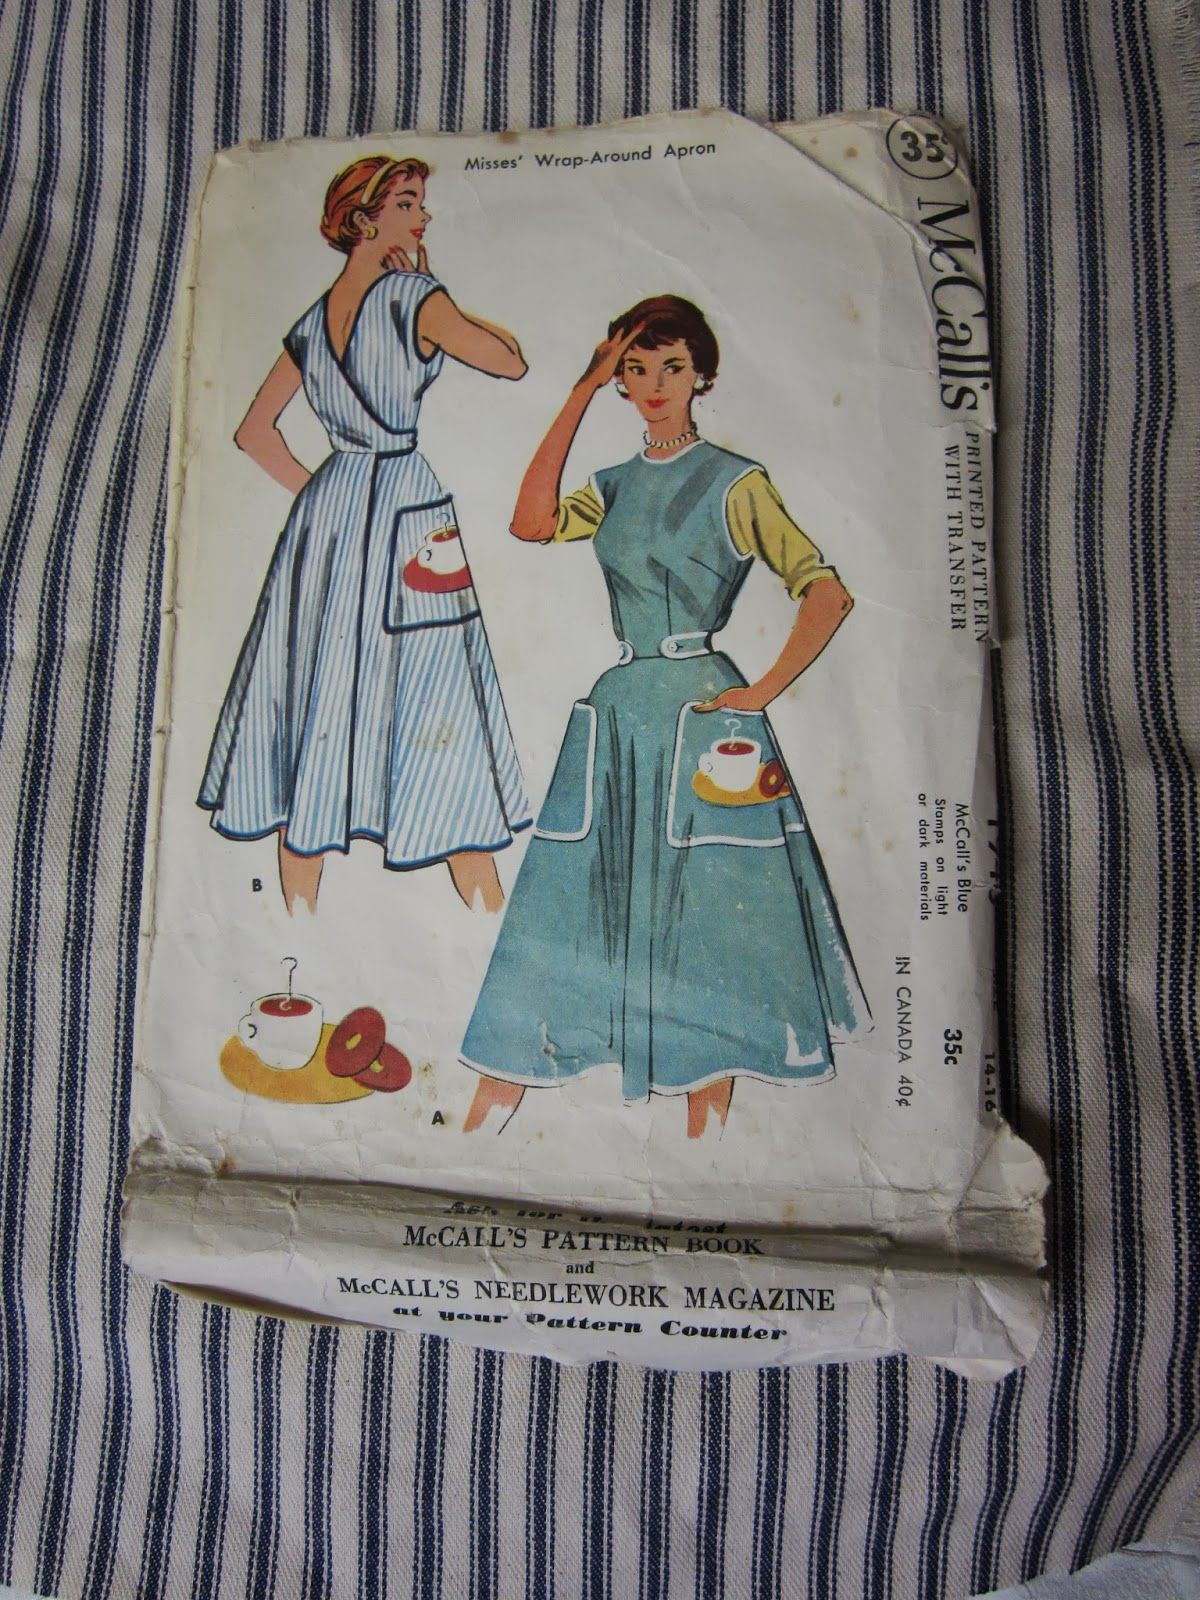 1930s wraparound overalls/apron - Google Search